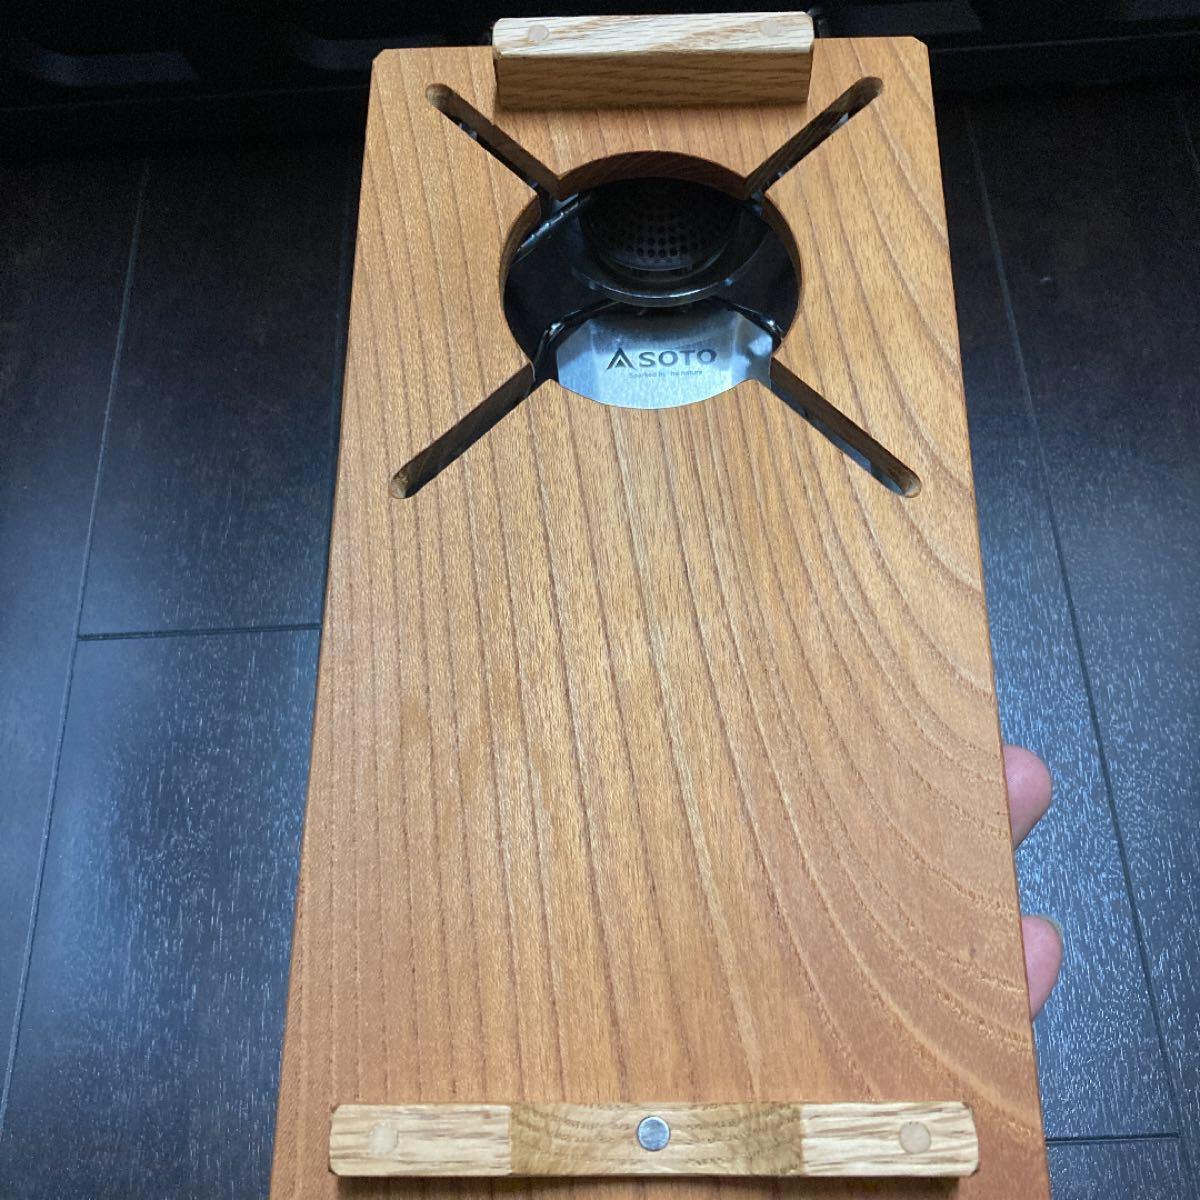 SOTO ST-310用 木製遮熱板 57